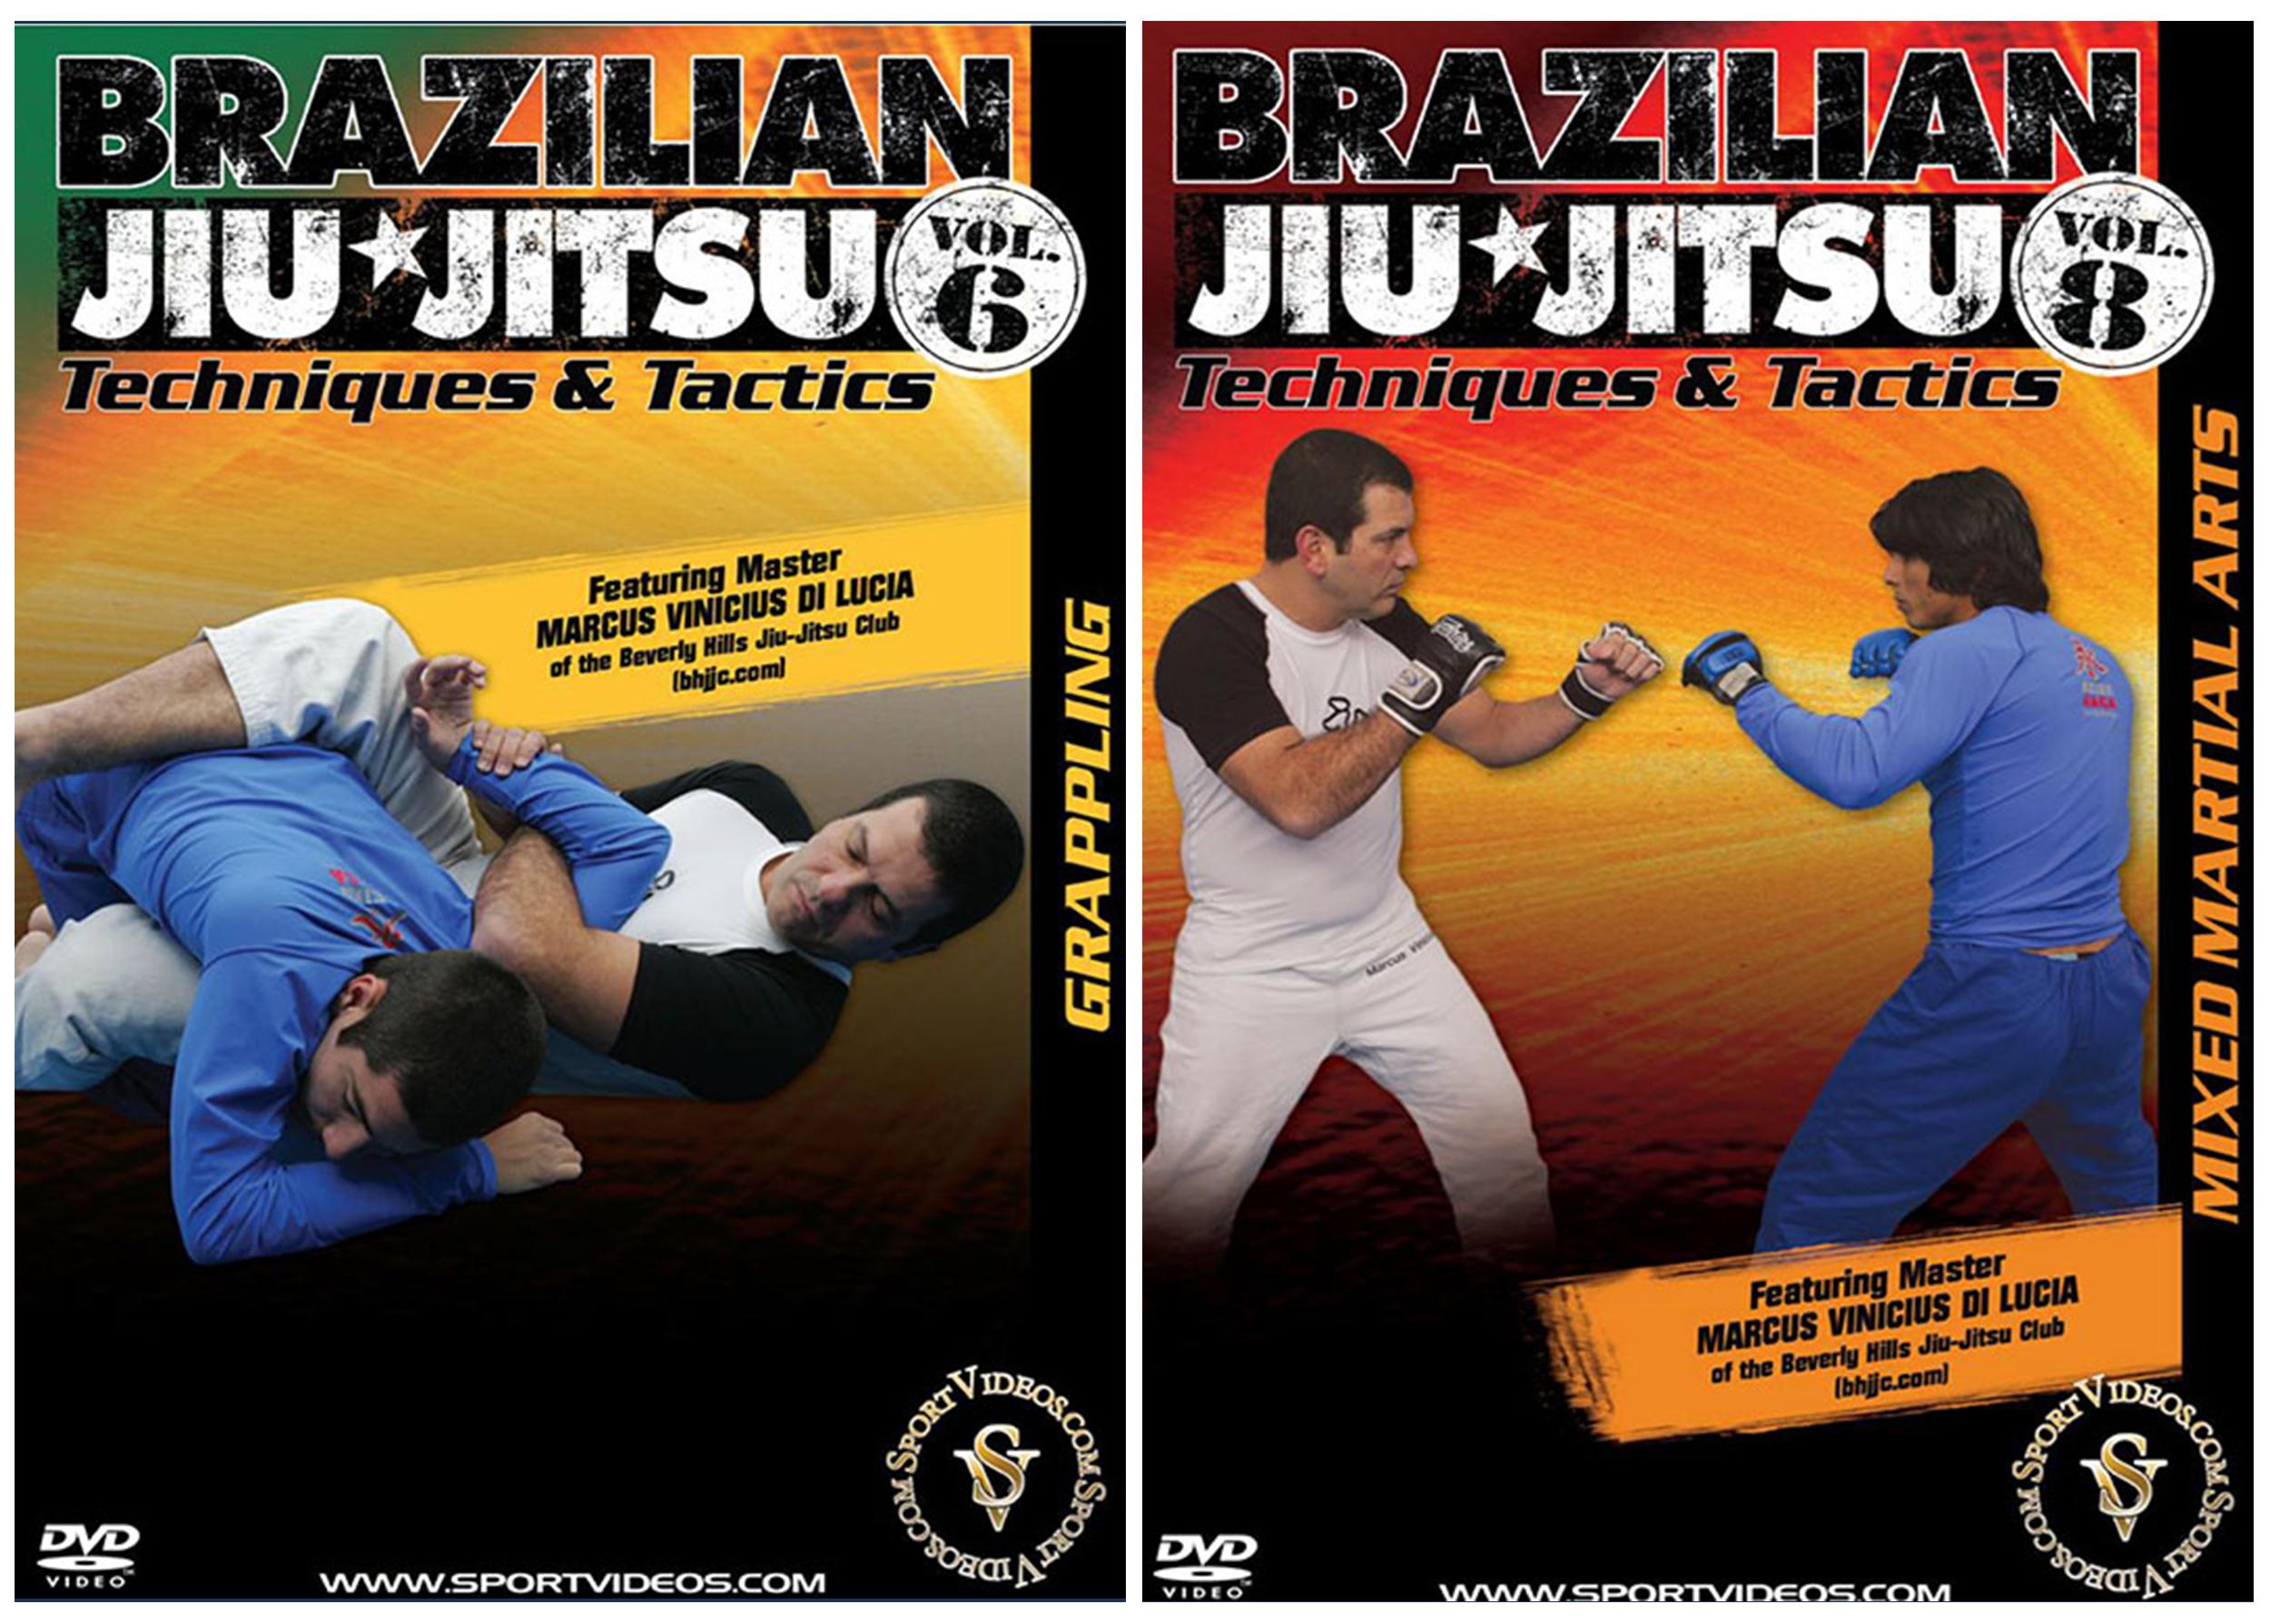 Brazilian Jiu Jitsu Techniques and Tactics 2 DVD Set